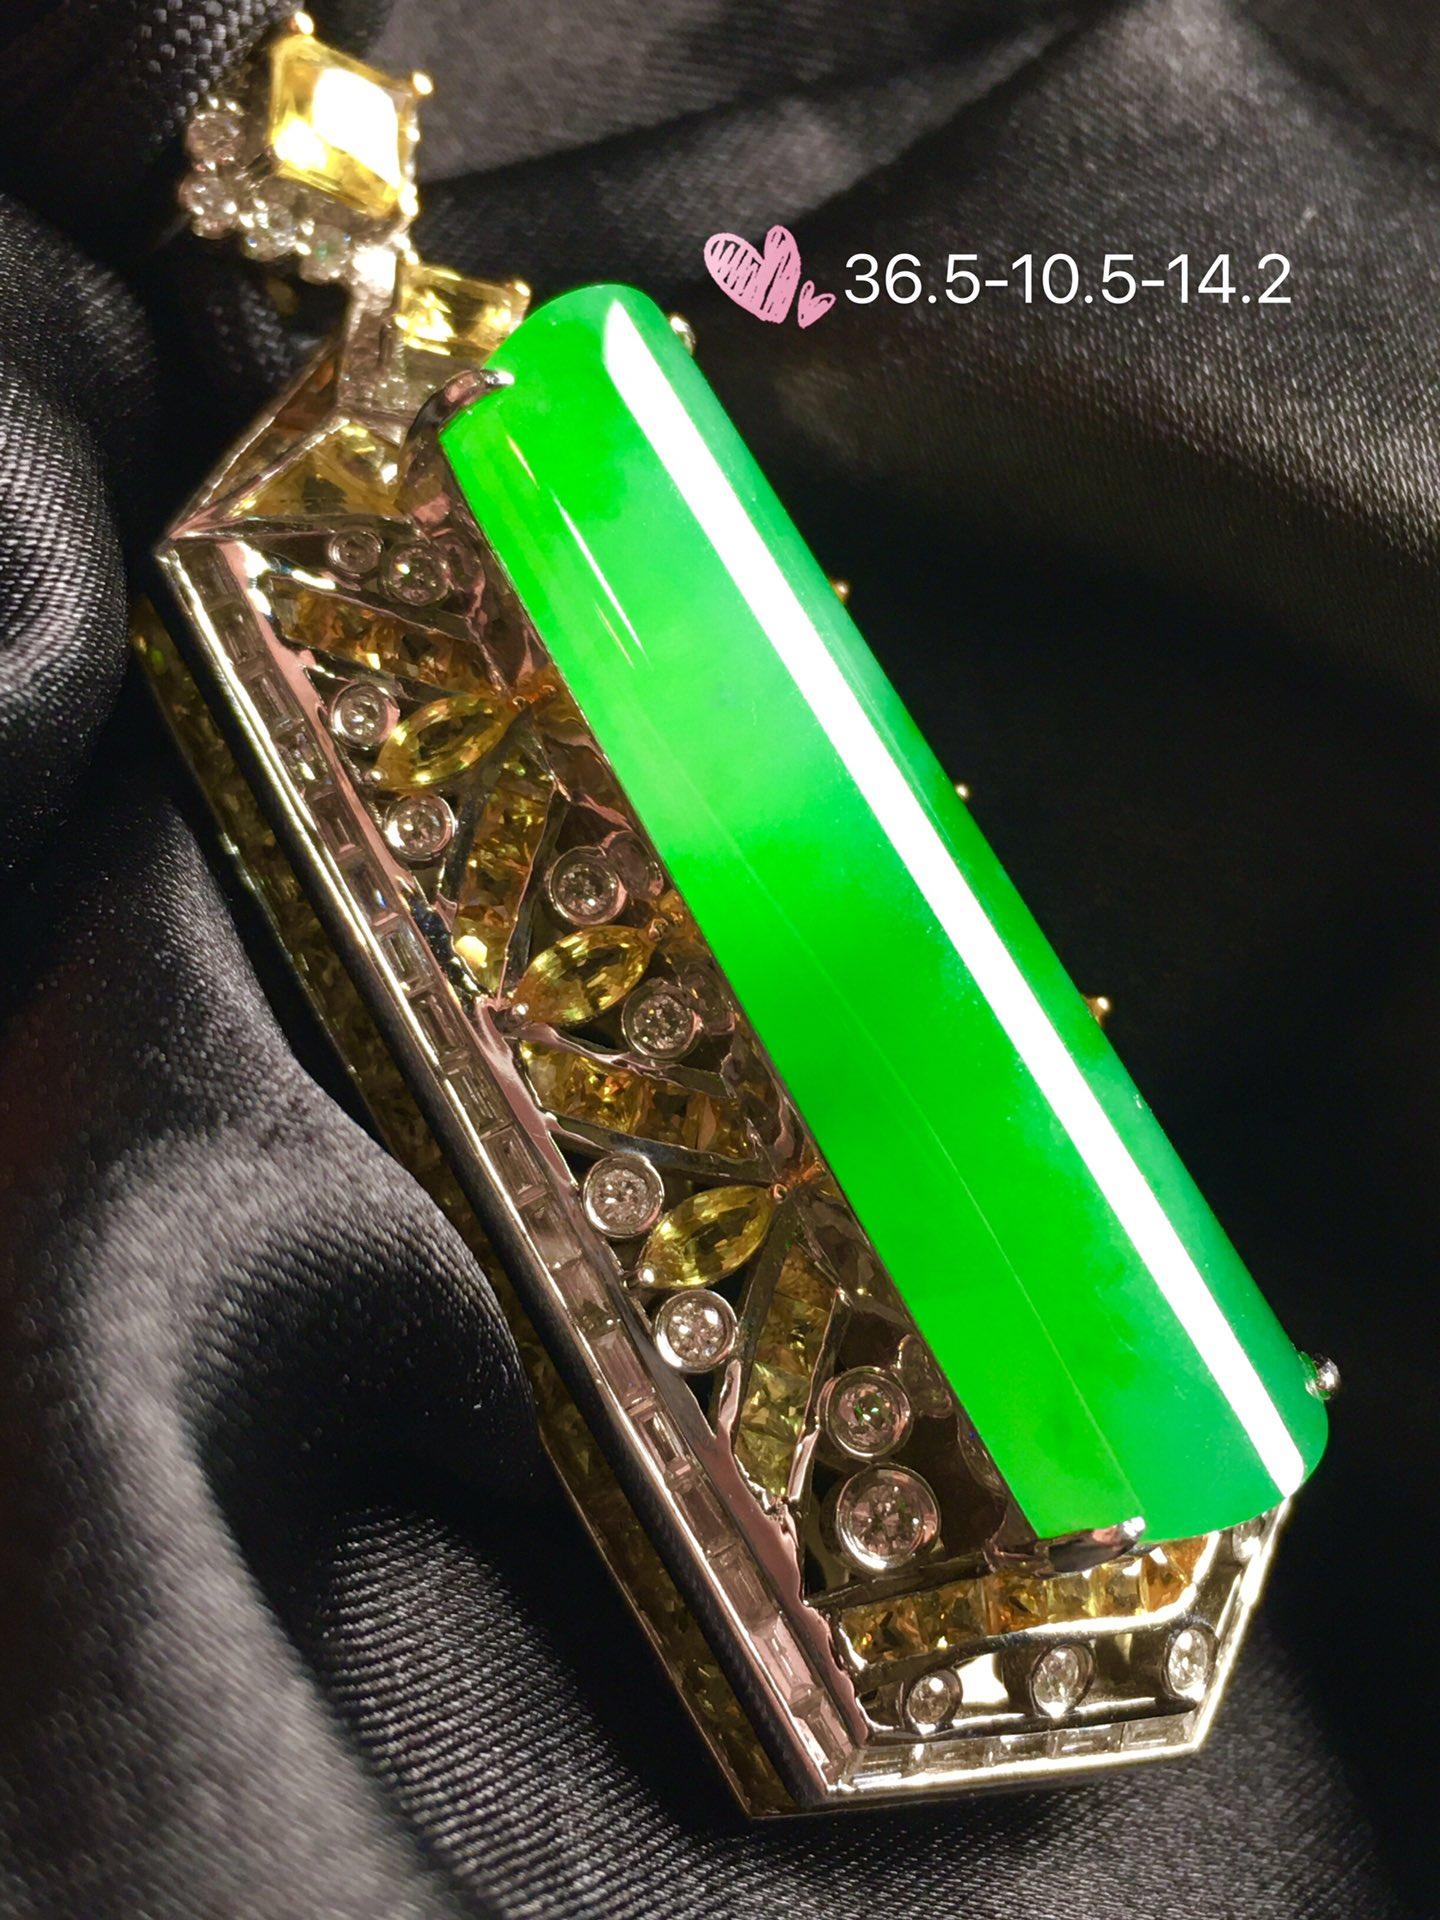 【平安无事牌,冰正阳绿】通透,润水细腻,完美,18k金华奢钻镶石嵌☕